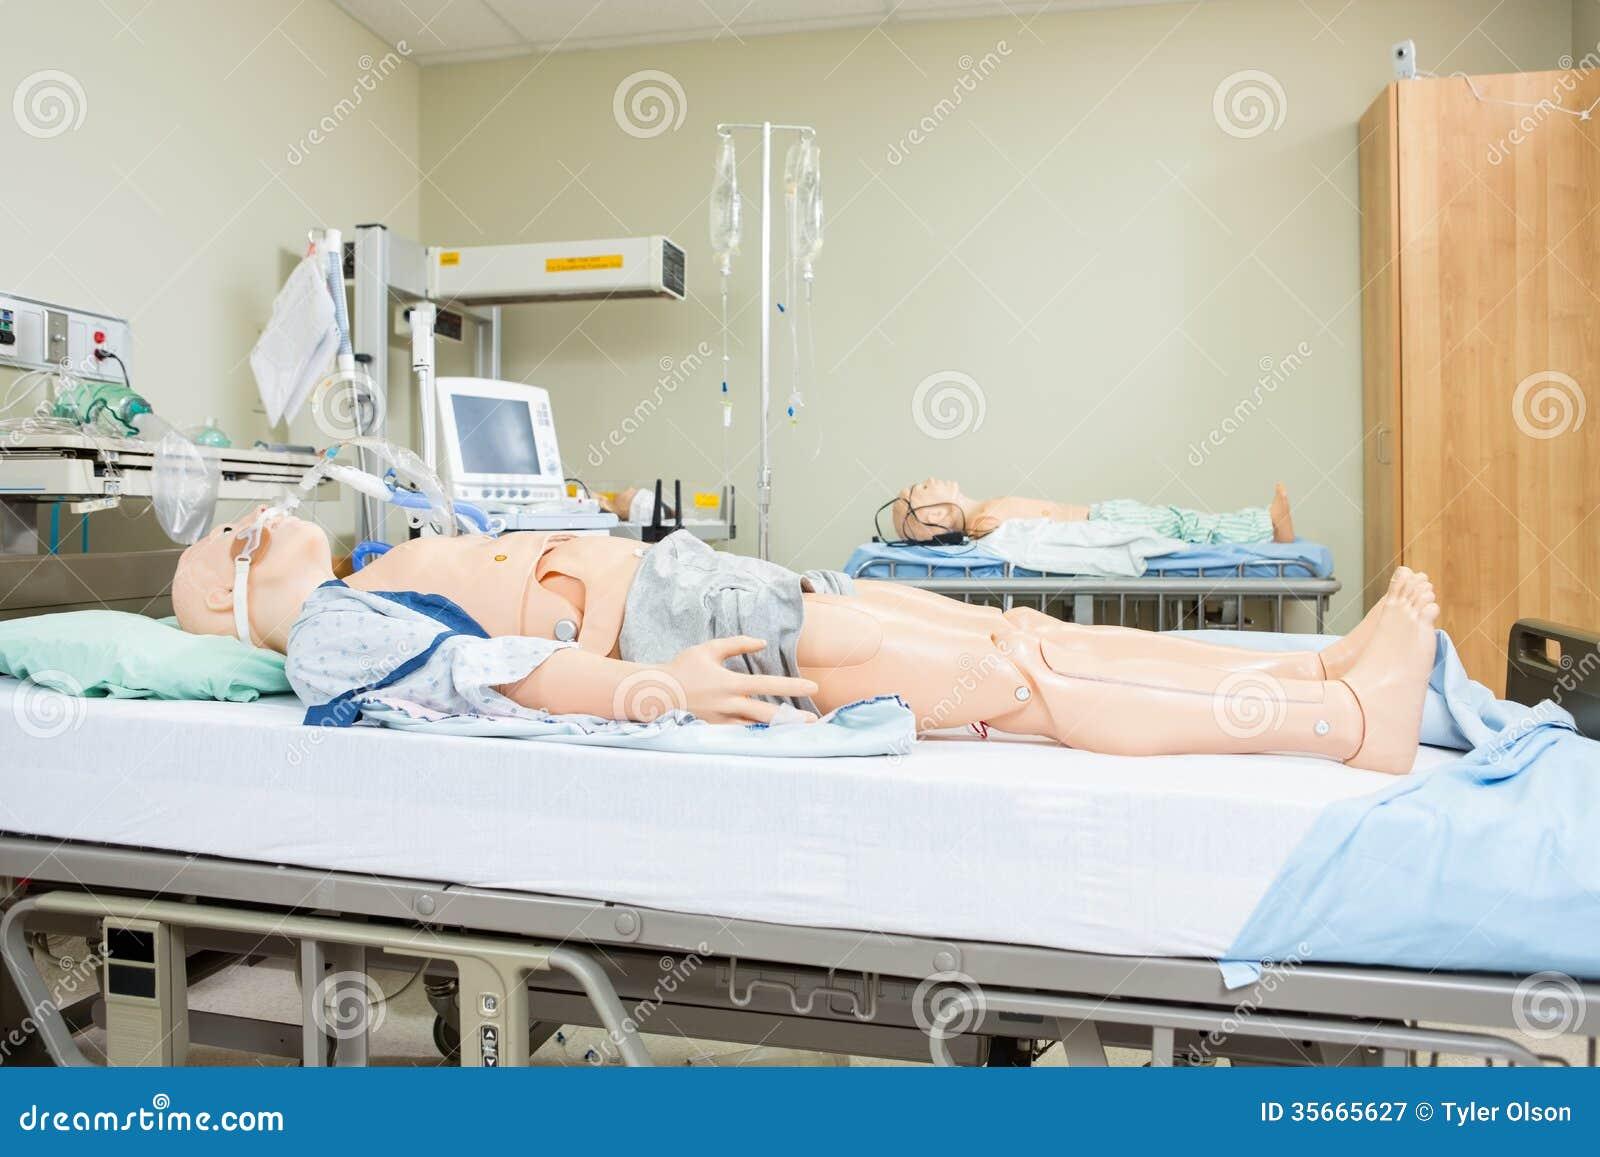 Manichini sul letto di ospedale immagine stock immagine for Simulazione medicina